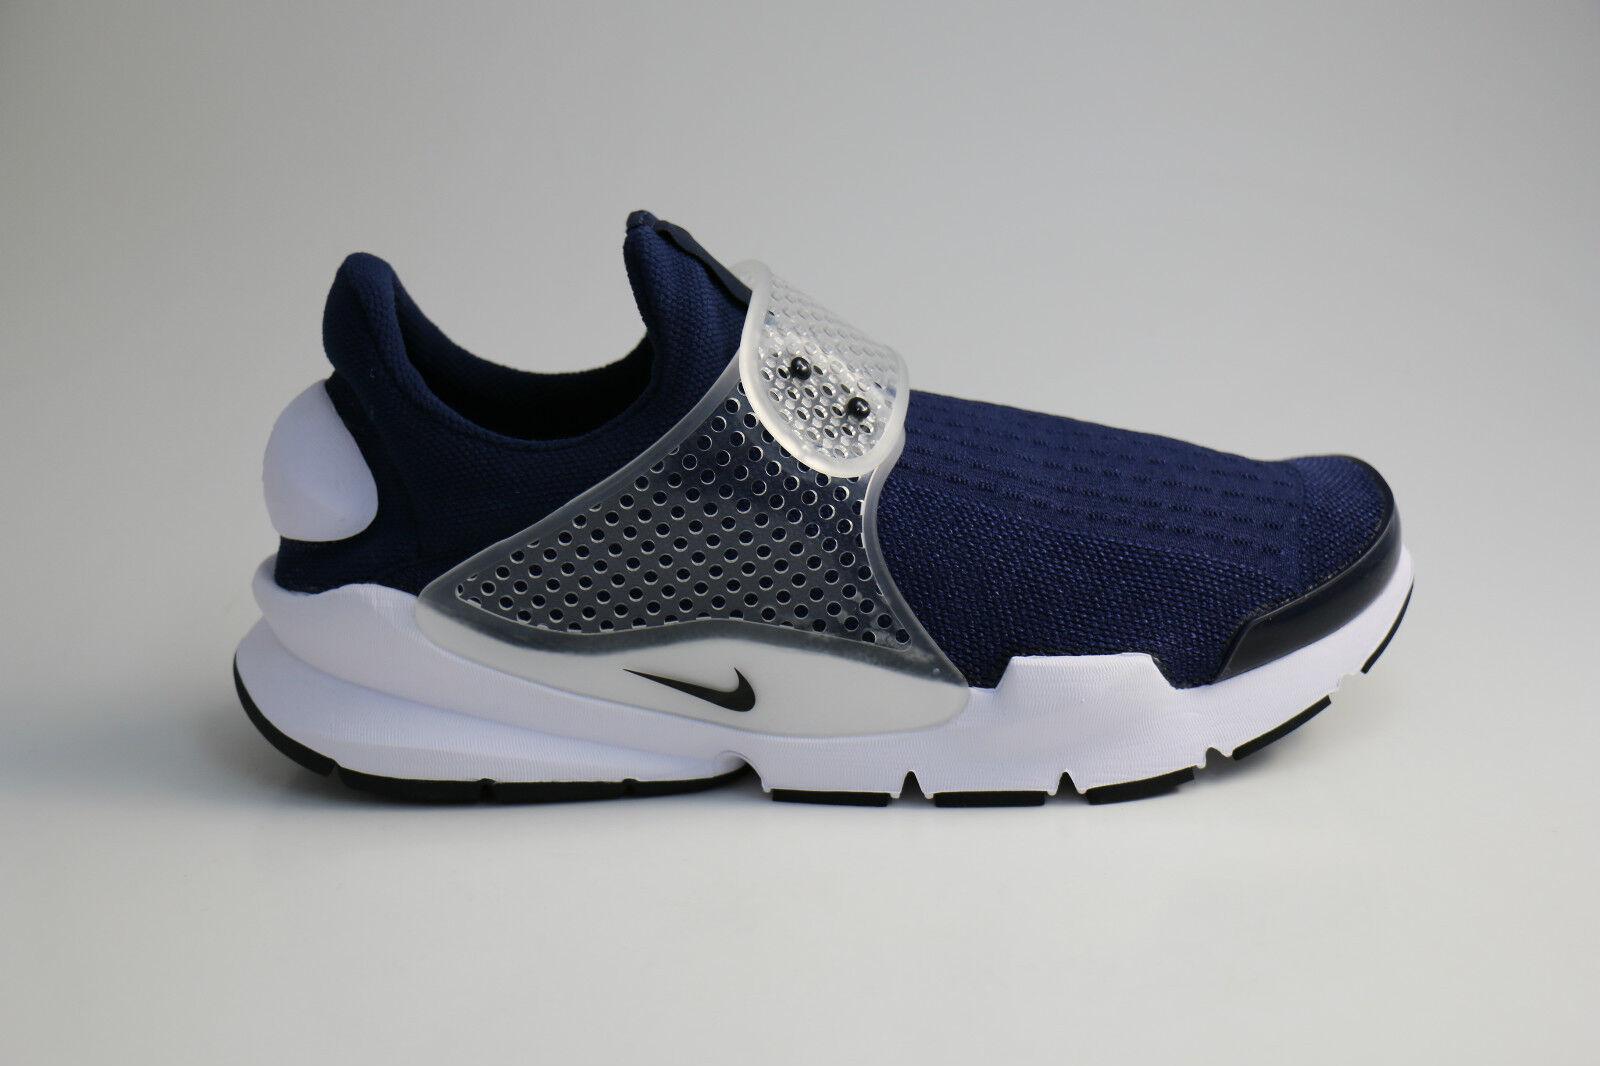 Nike Sock Dart Navy White EUR 41 42,5 44 45 US 8 9 10 11 Fragment